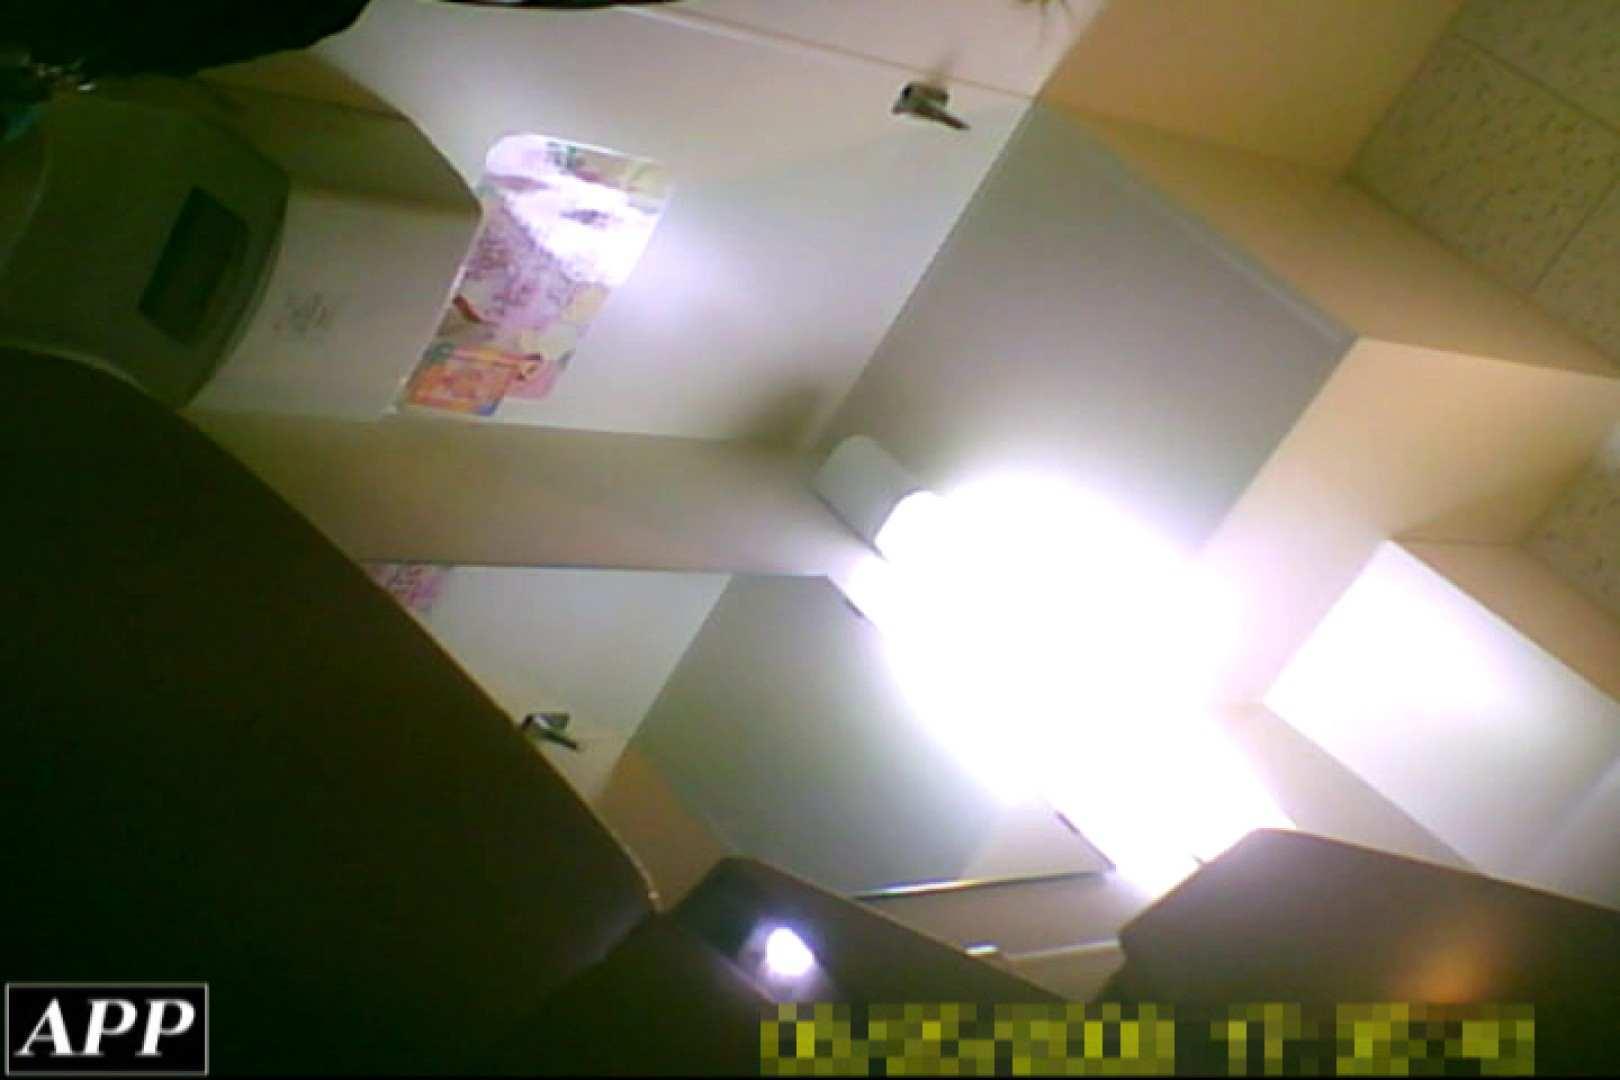 3視点洗面所 vol.076 洗面所はめどり   エロティックなOL  92画像 27